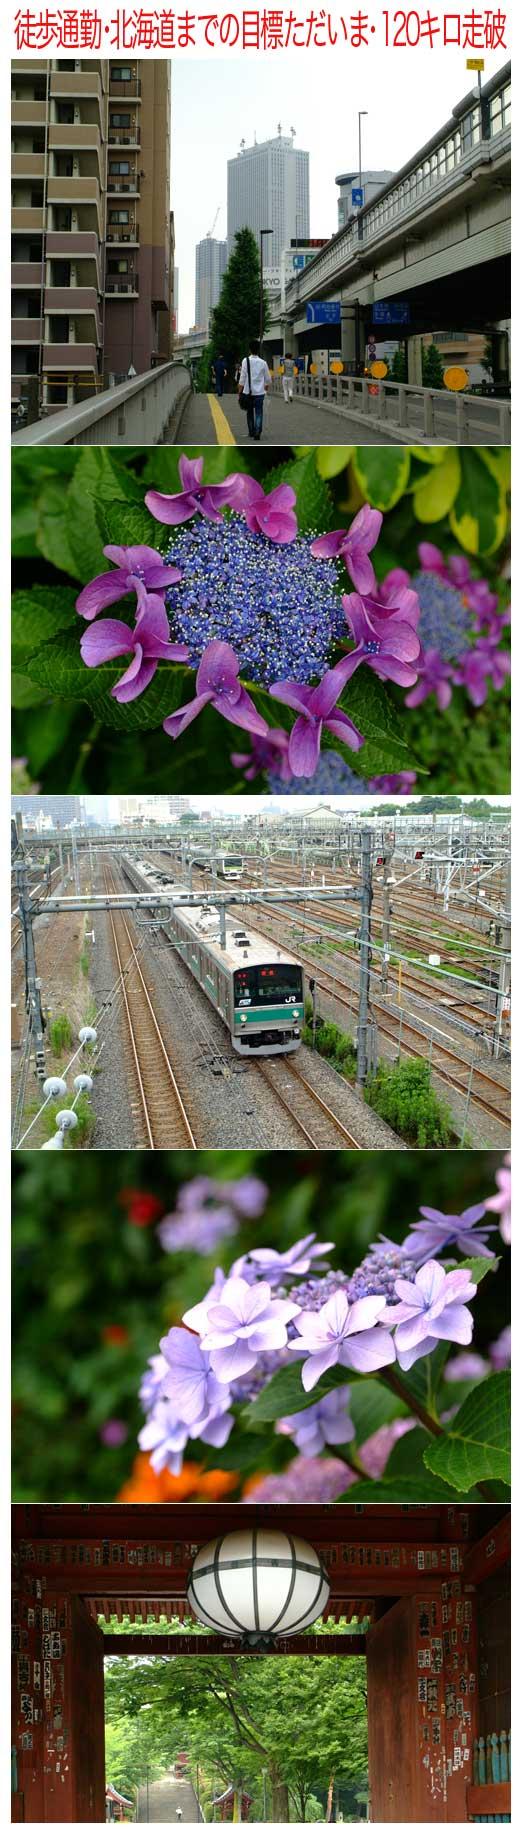 北海道まで_a0155464_1214211.jpg